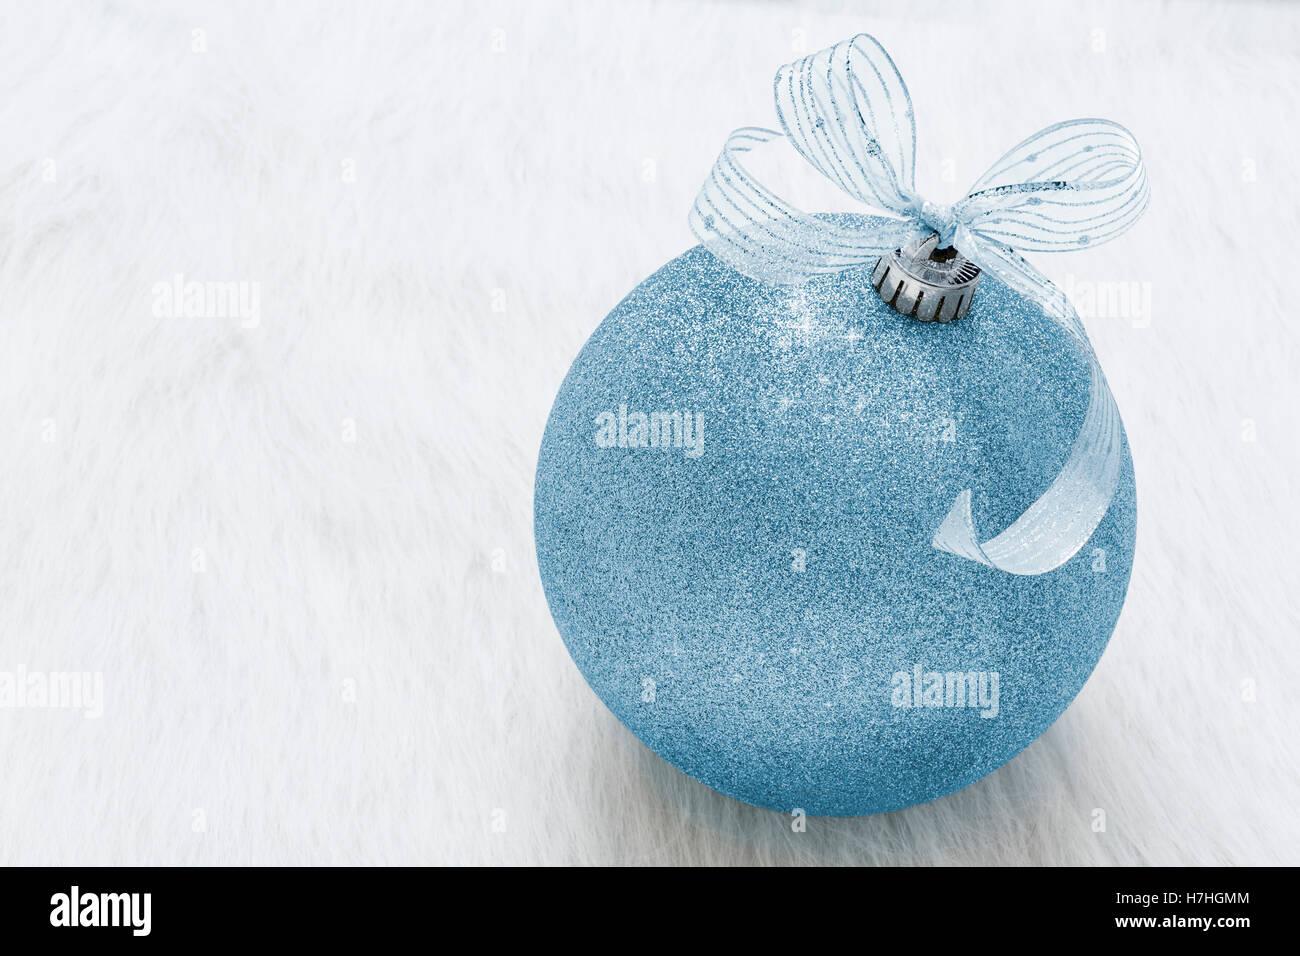 Une belle, fantaisie, parfaite, pure, brillante, noël ornement paillettes bleu sur fond blanc horizontal Photo Stock